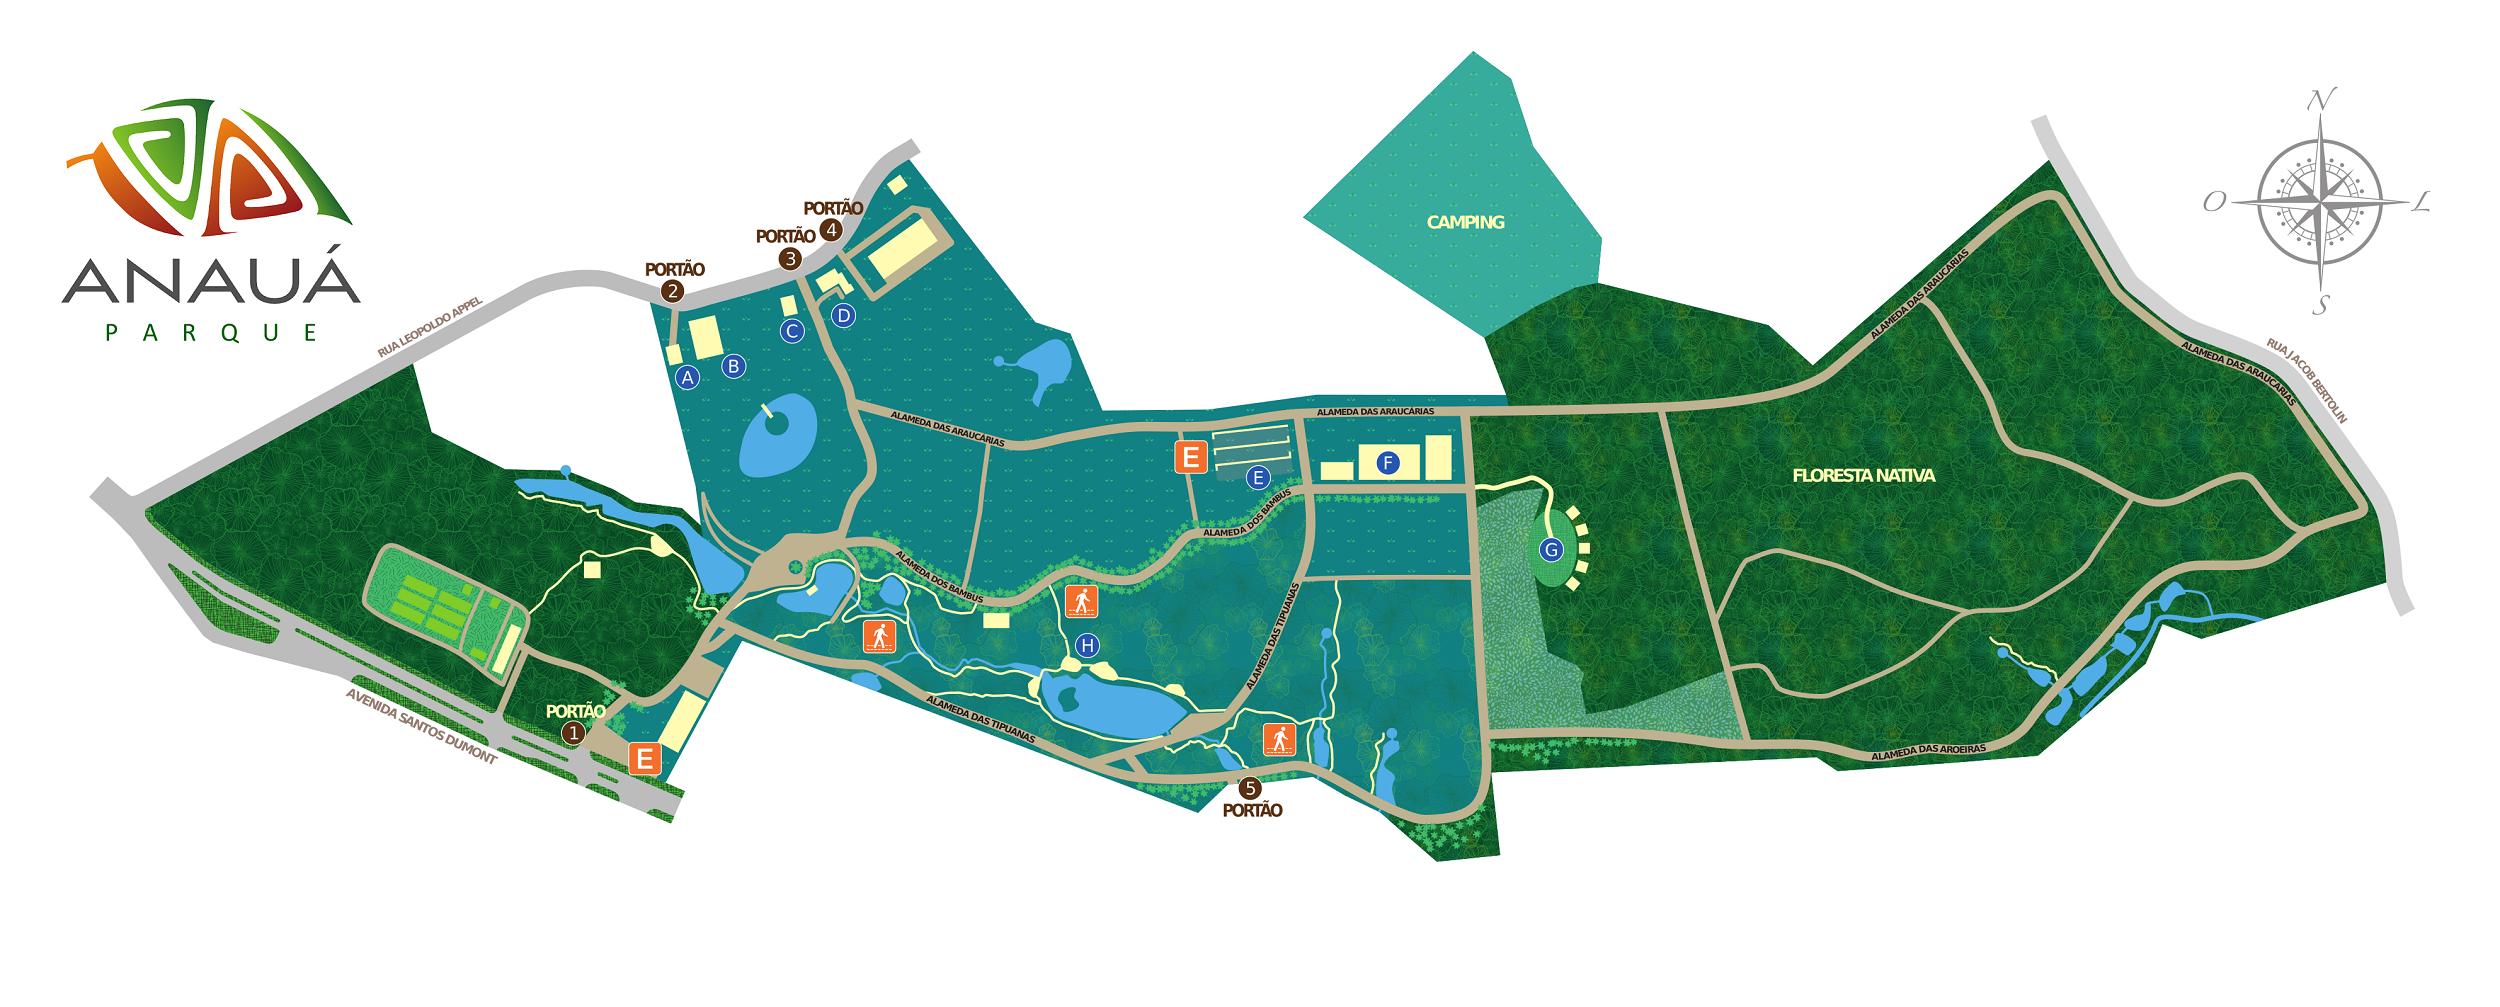 Mapa do Parque Anauá